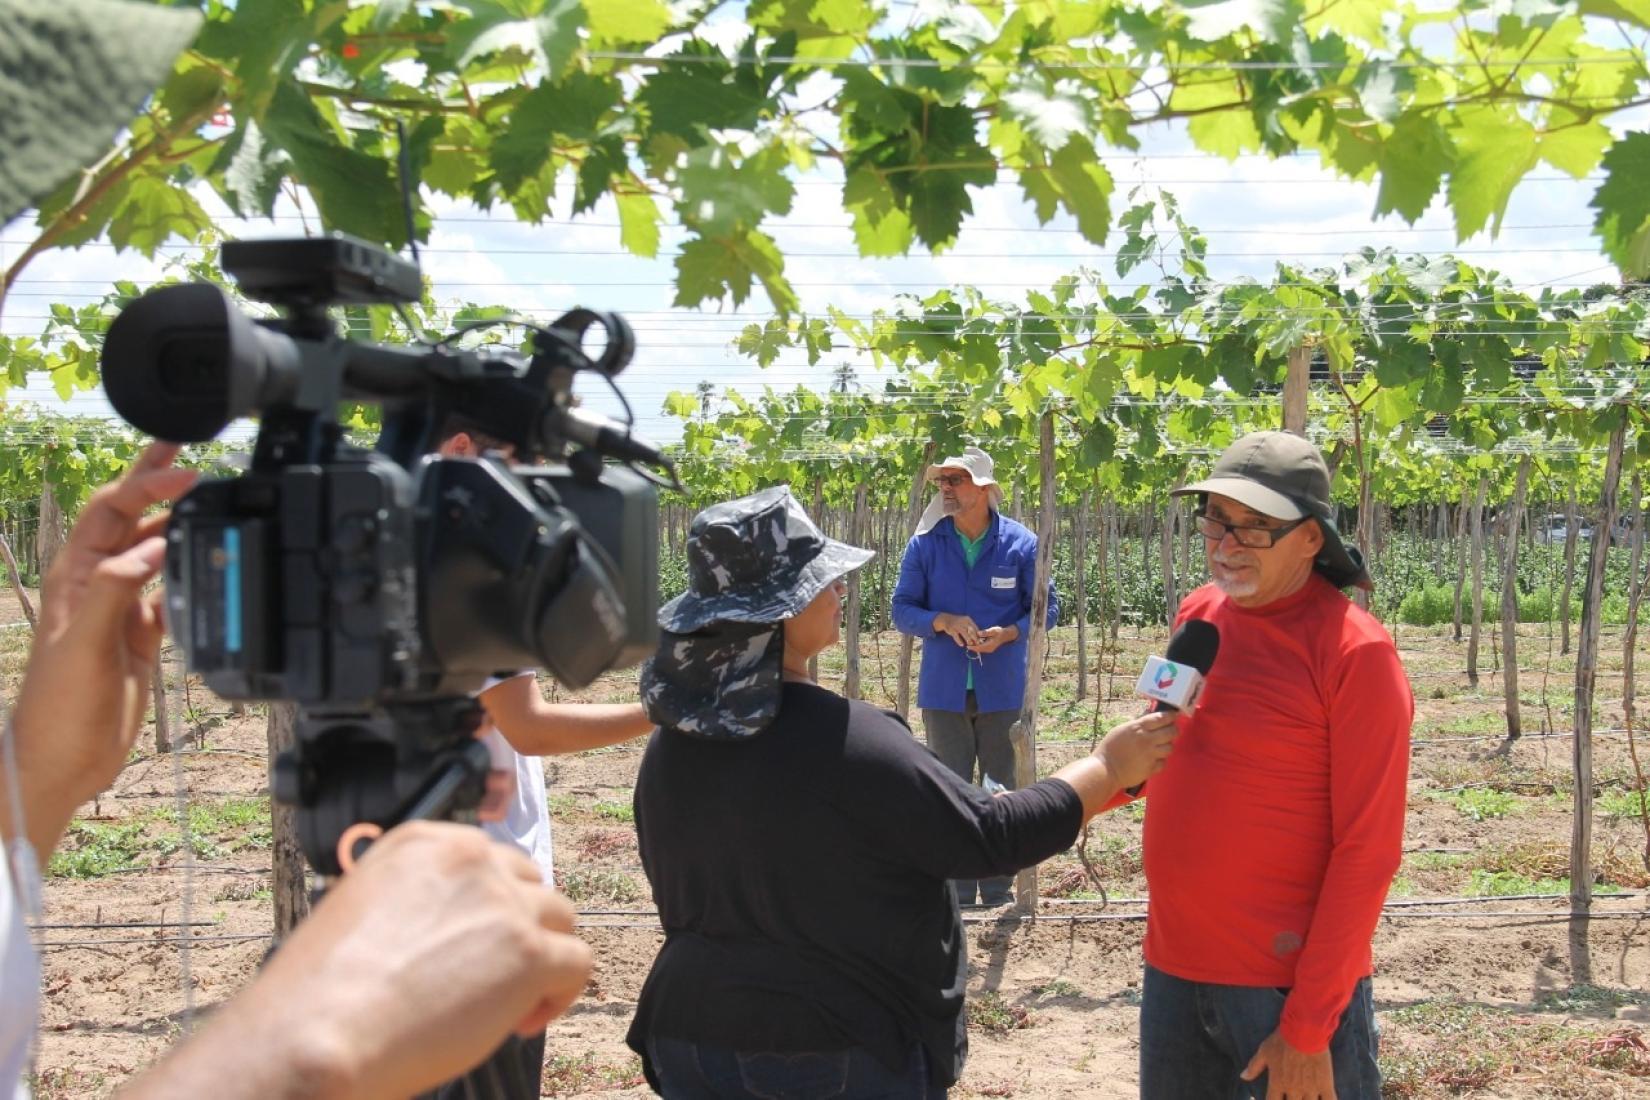 Serão R$ 70 mil em prêmios para trabalhos jornalísticos veiculados em rádio, TV, impresso e internet até 05 de maio de 2021, sobre boas práticas rurais.